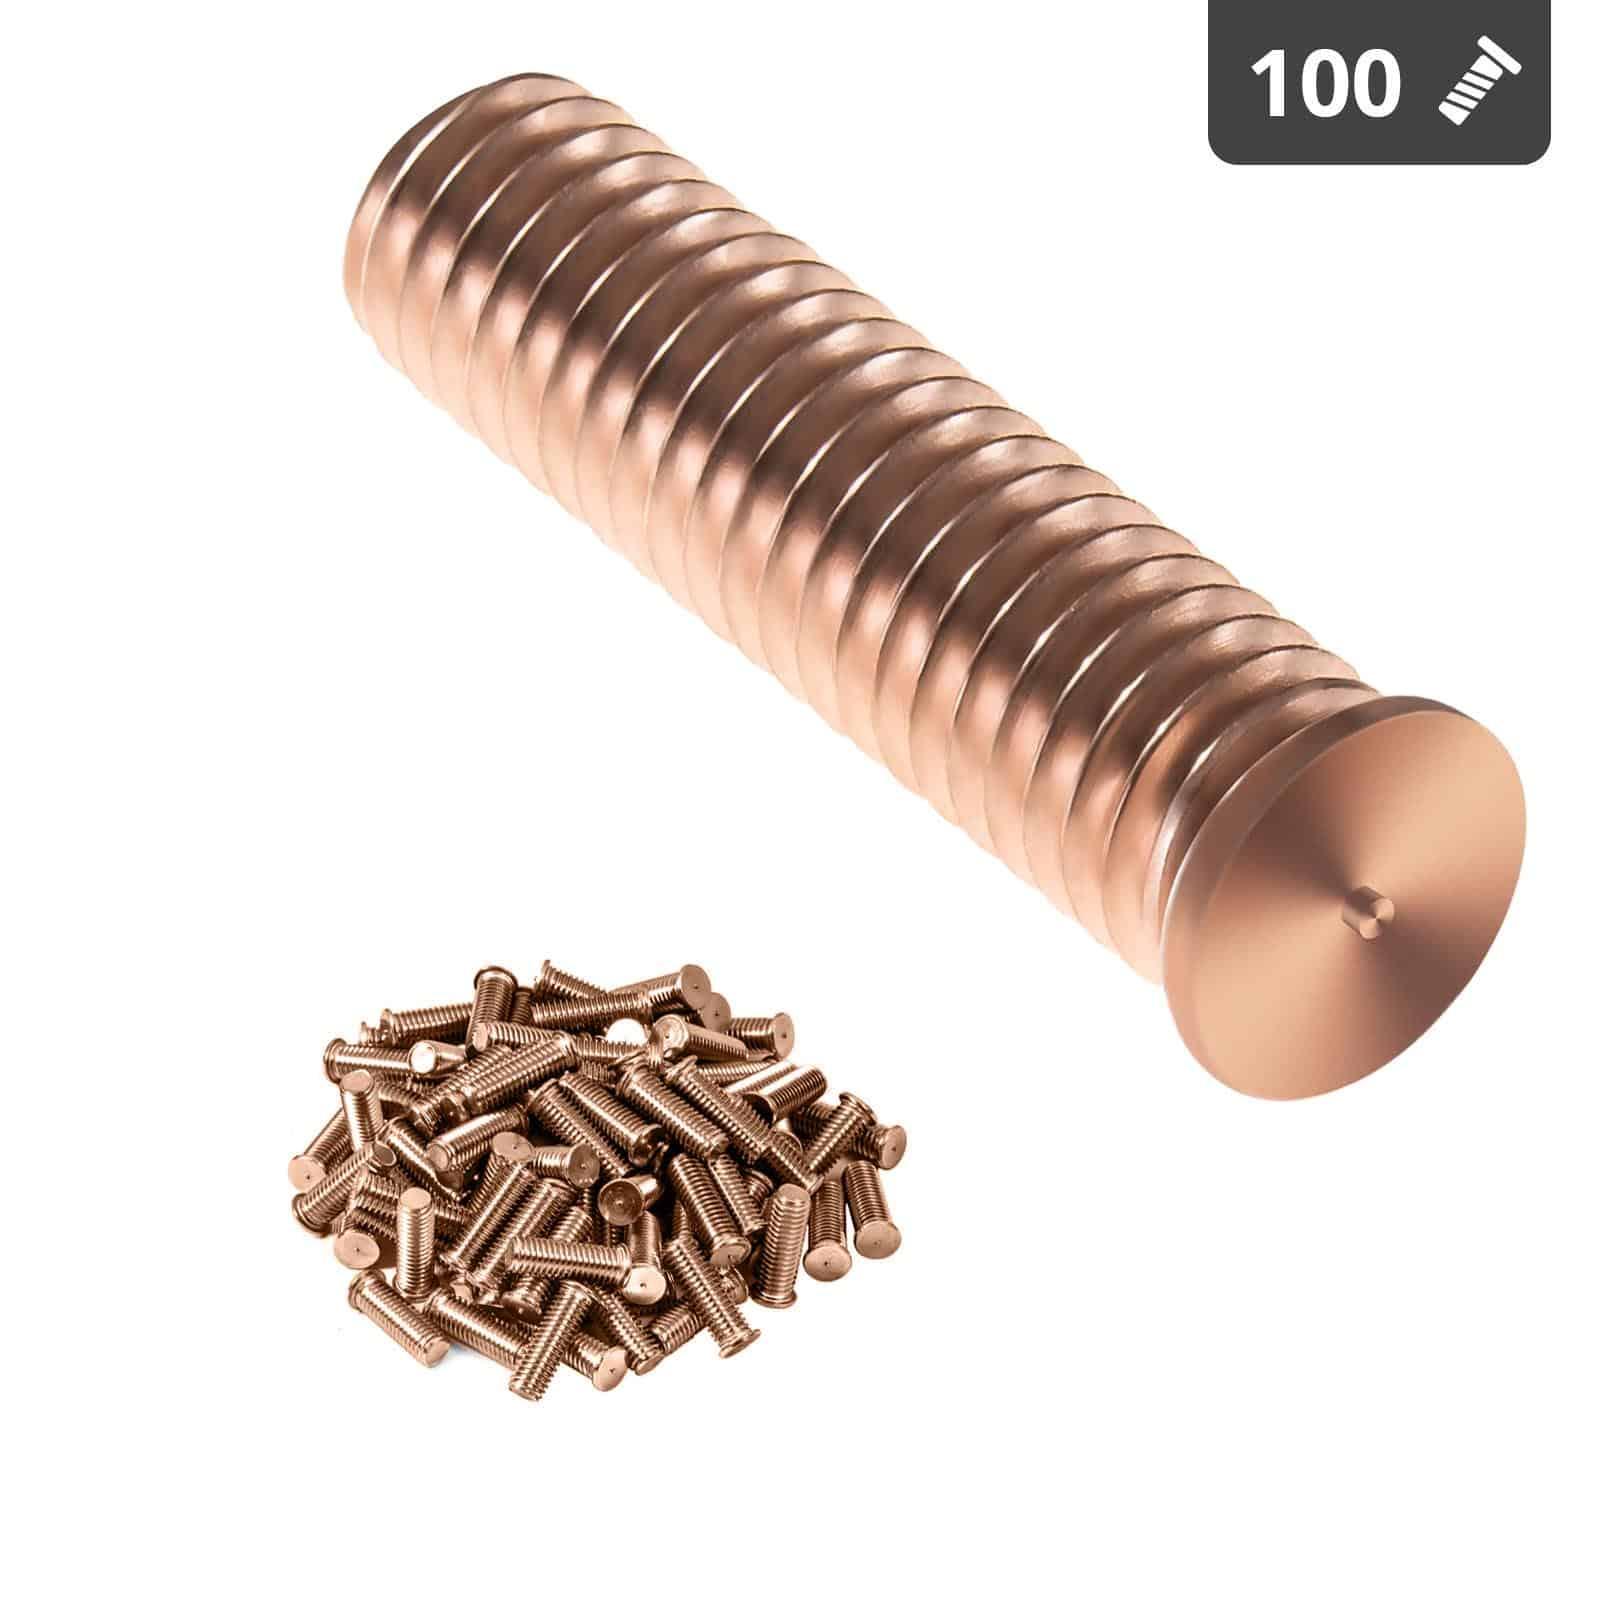 Kołki do zgrzewania - M10 - 40 mm - 100 sztuk